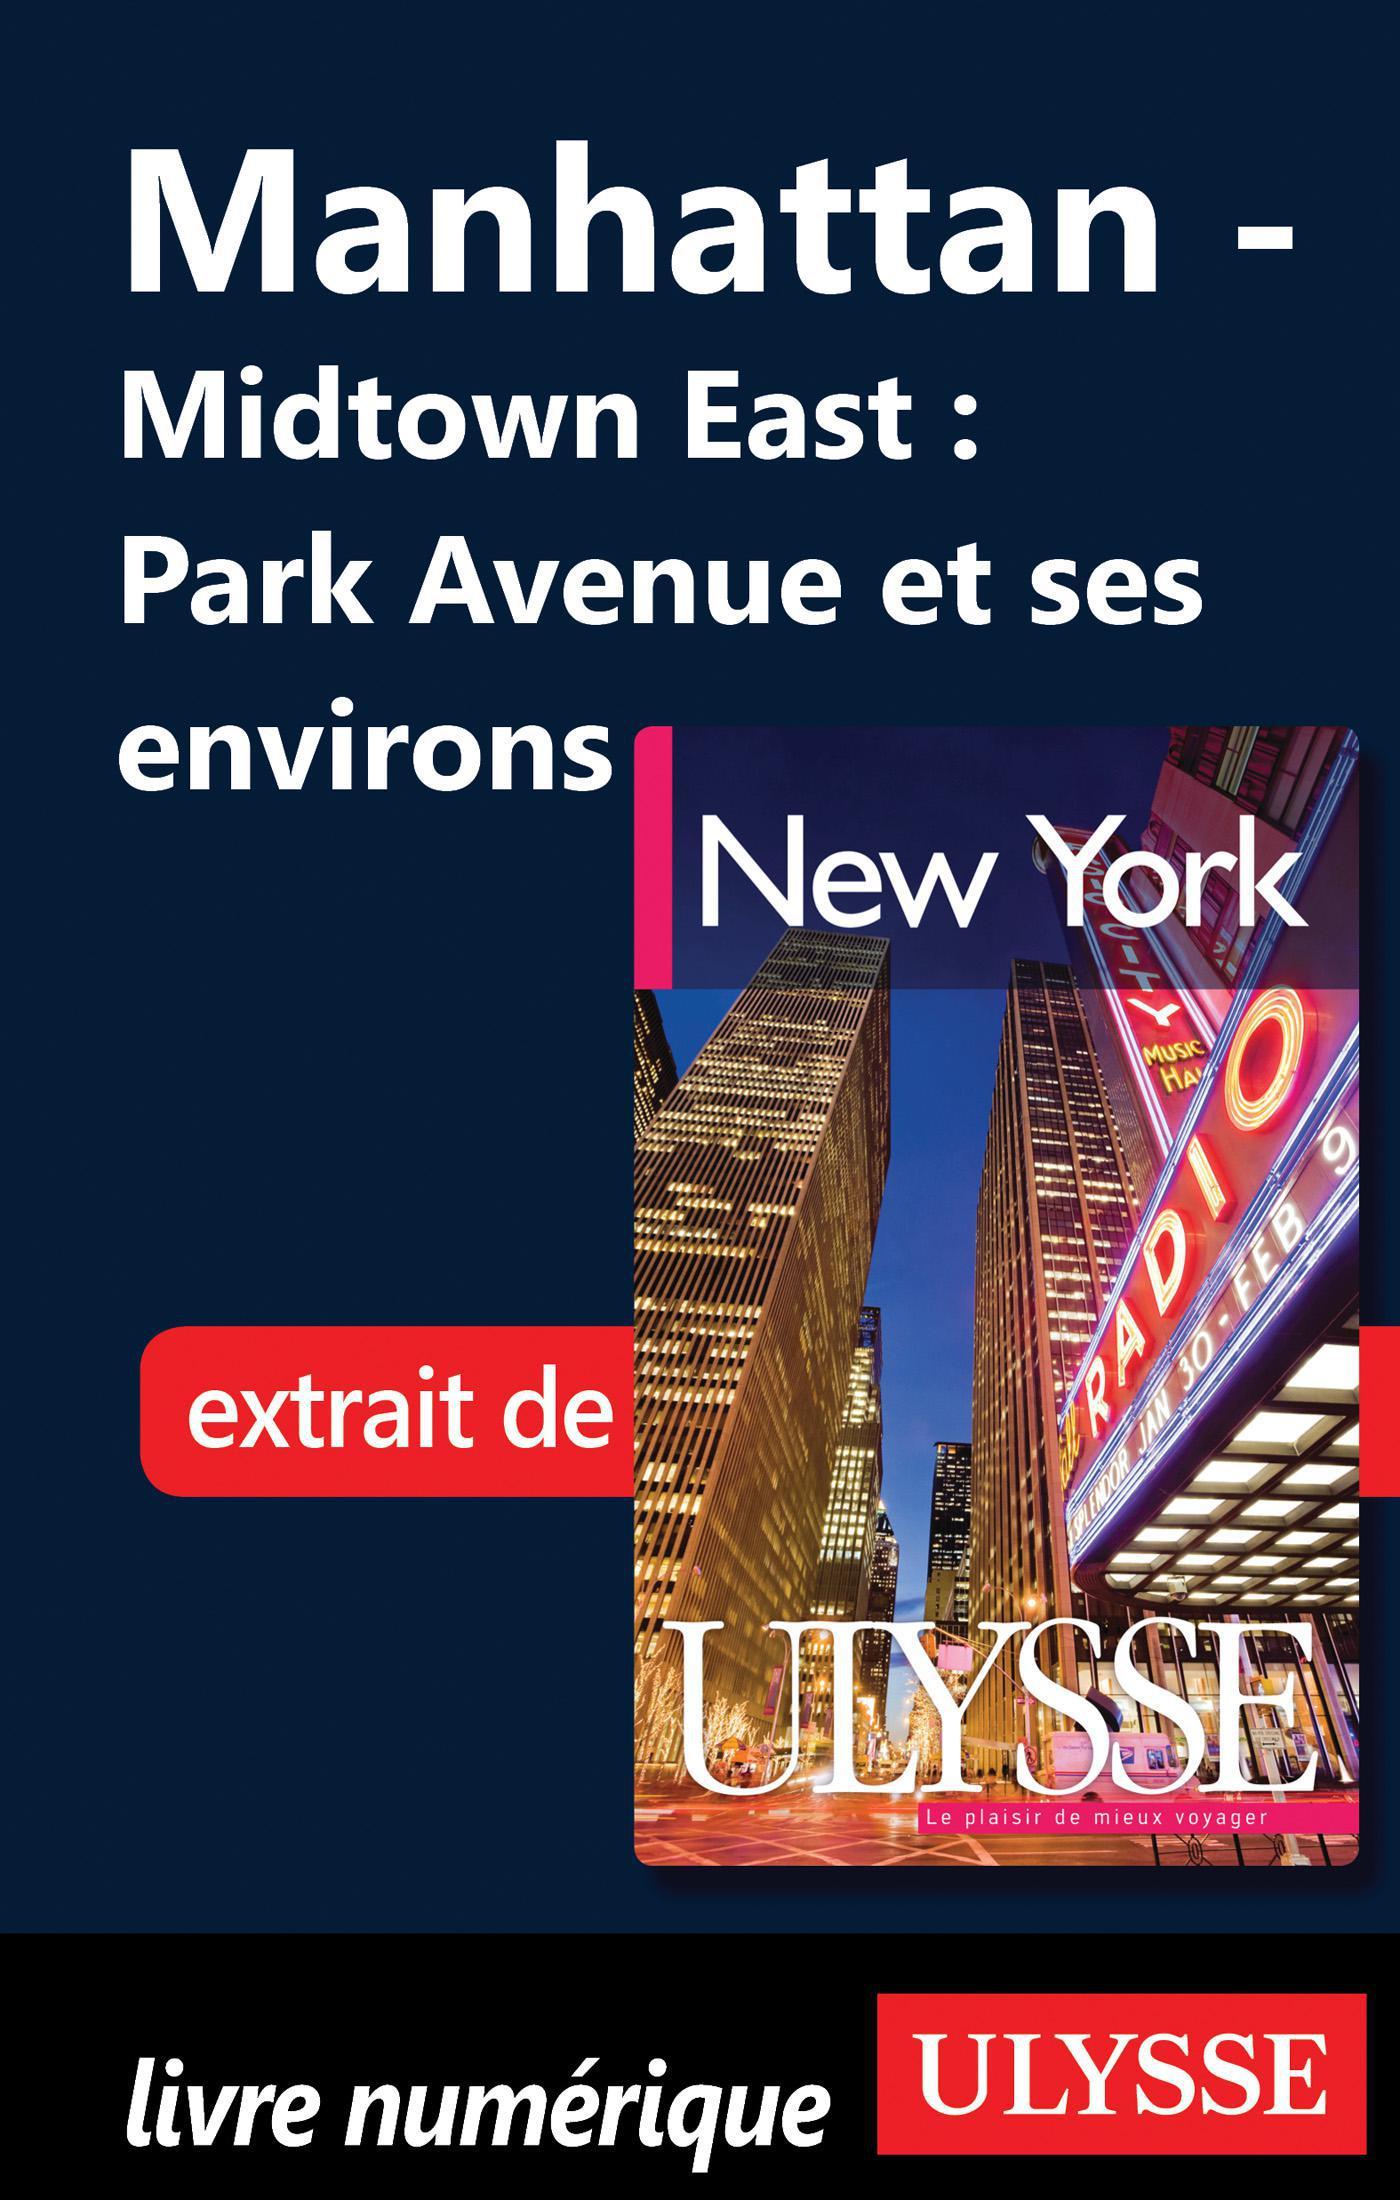 Manhattan - Midtown East : Park Avenue et ses environs